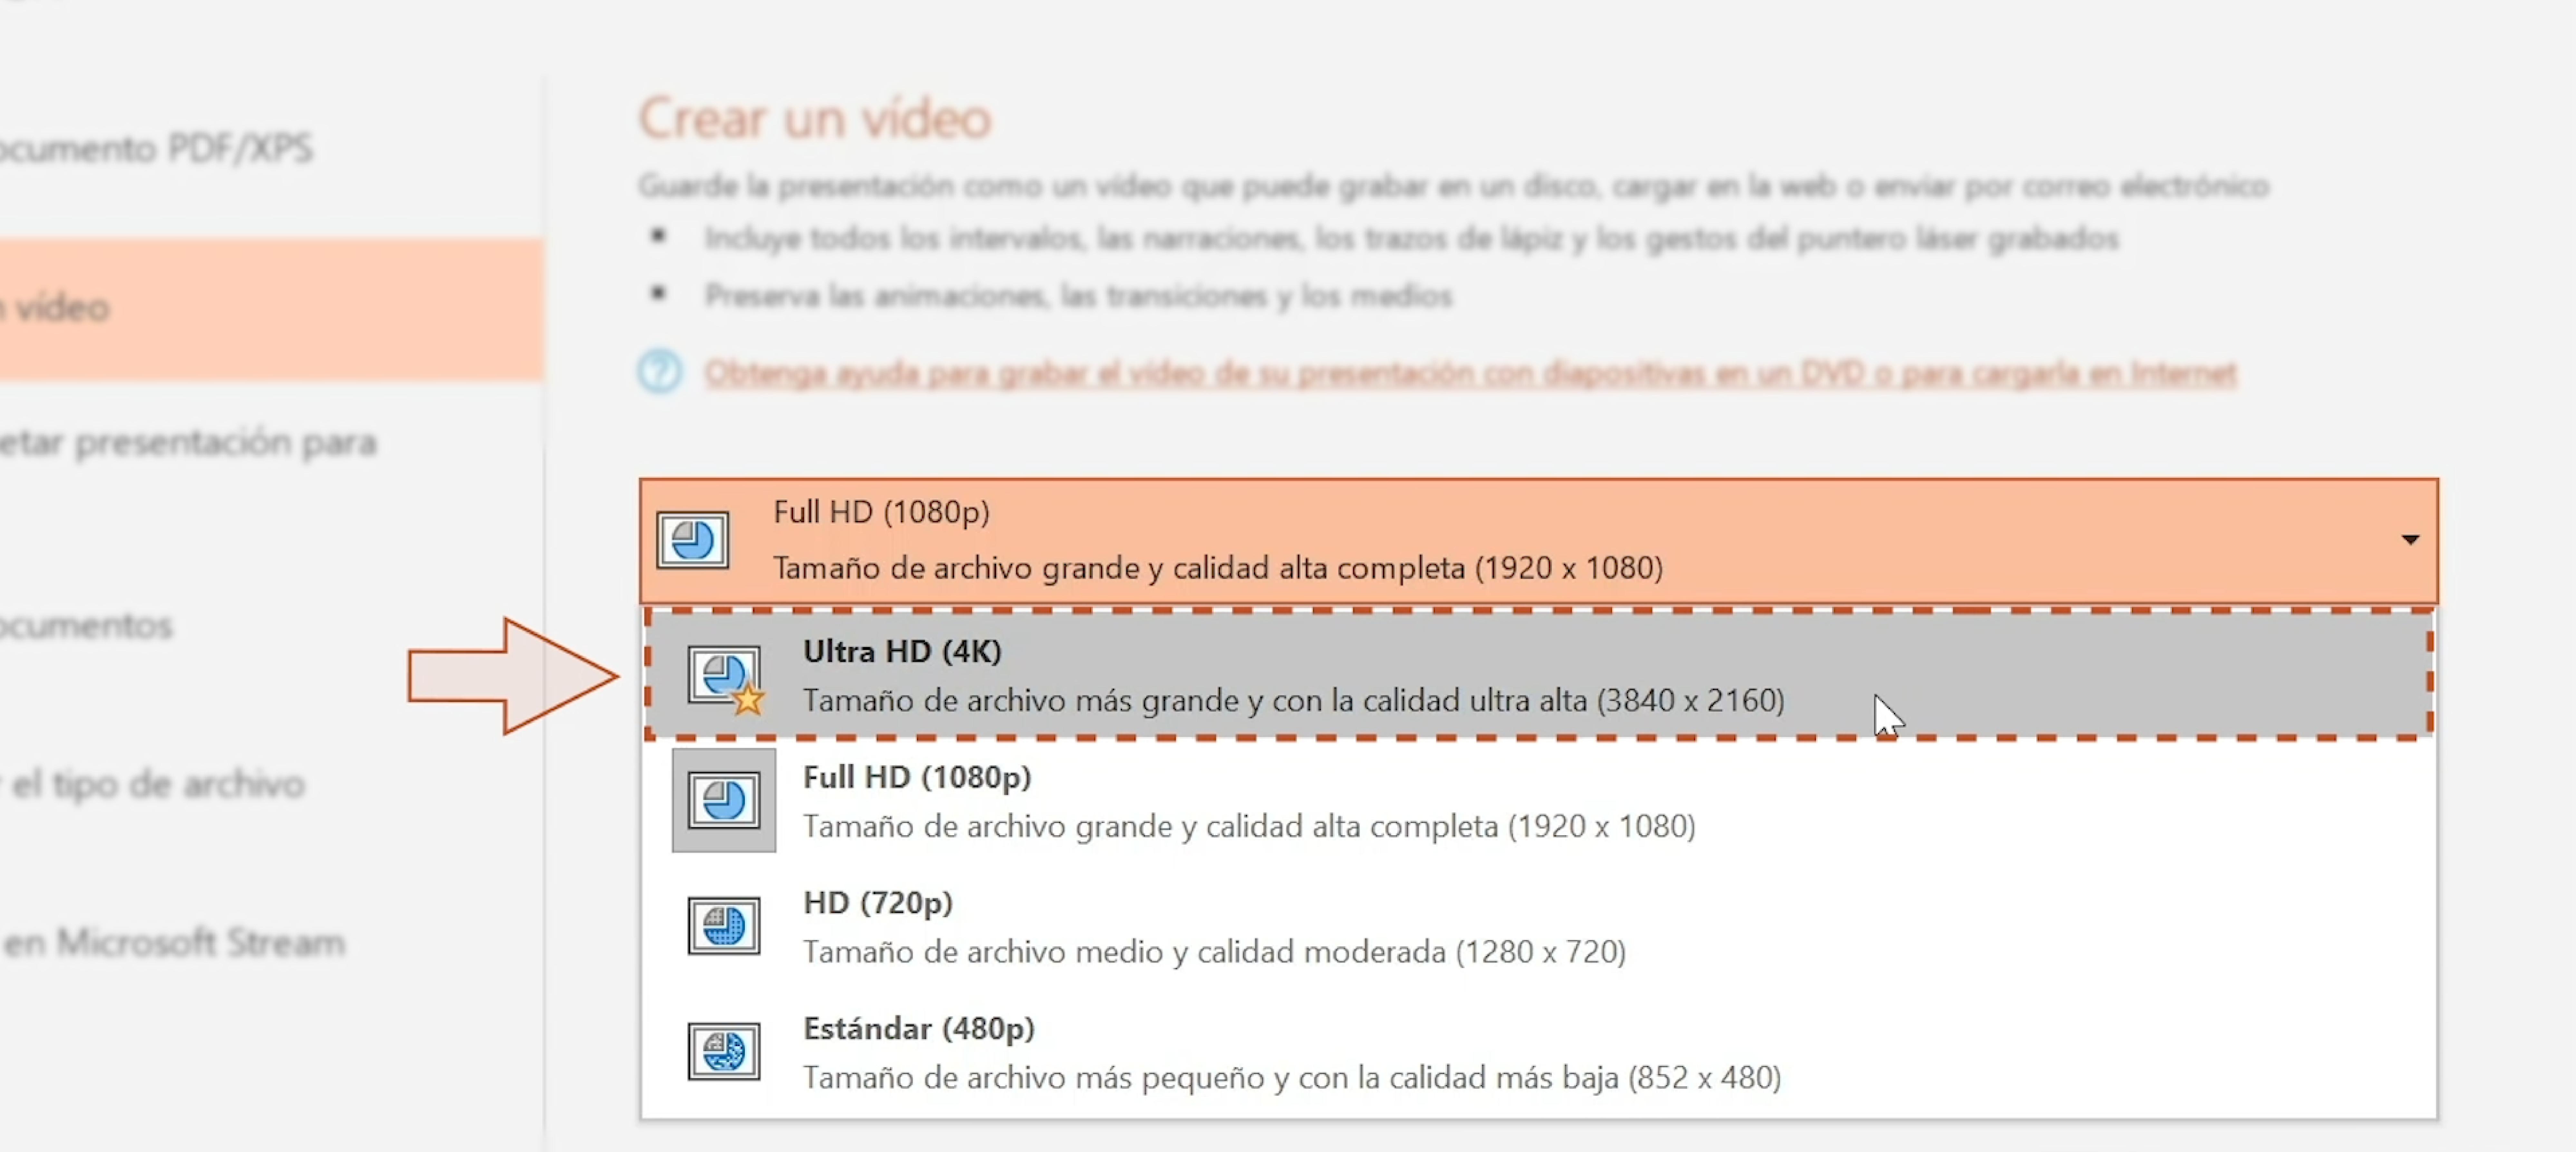 Imagen de lista con los tipos de resolución de video.